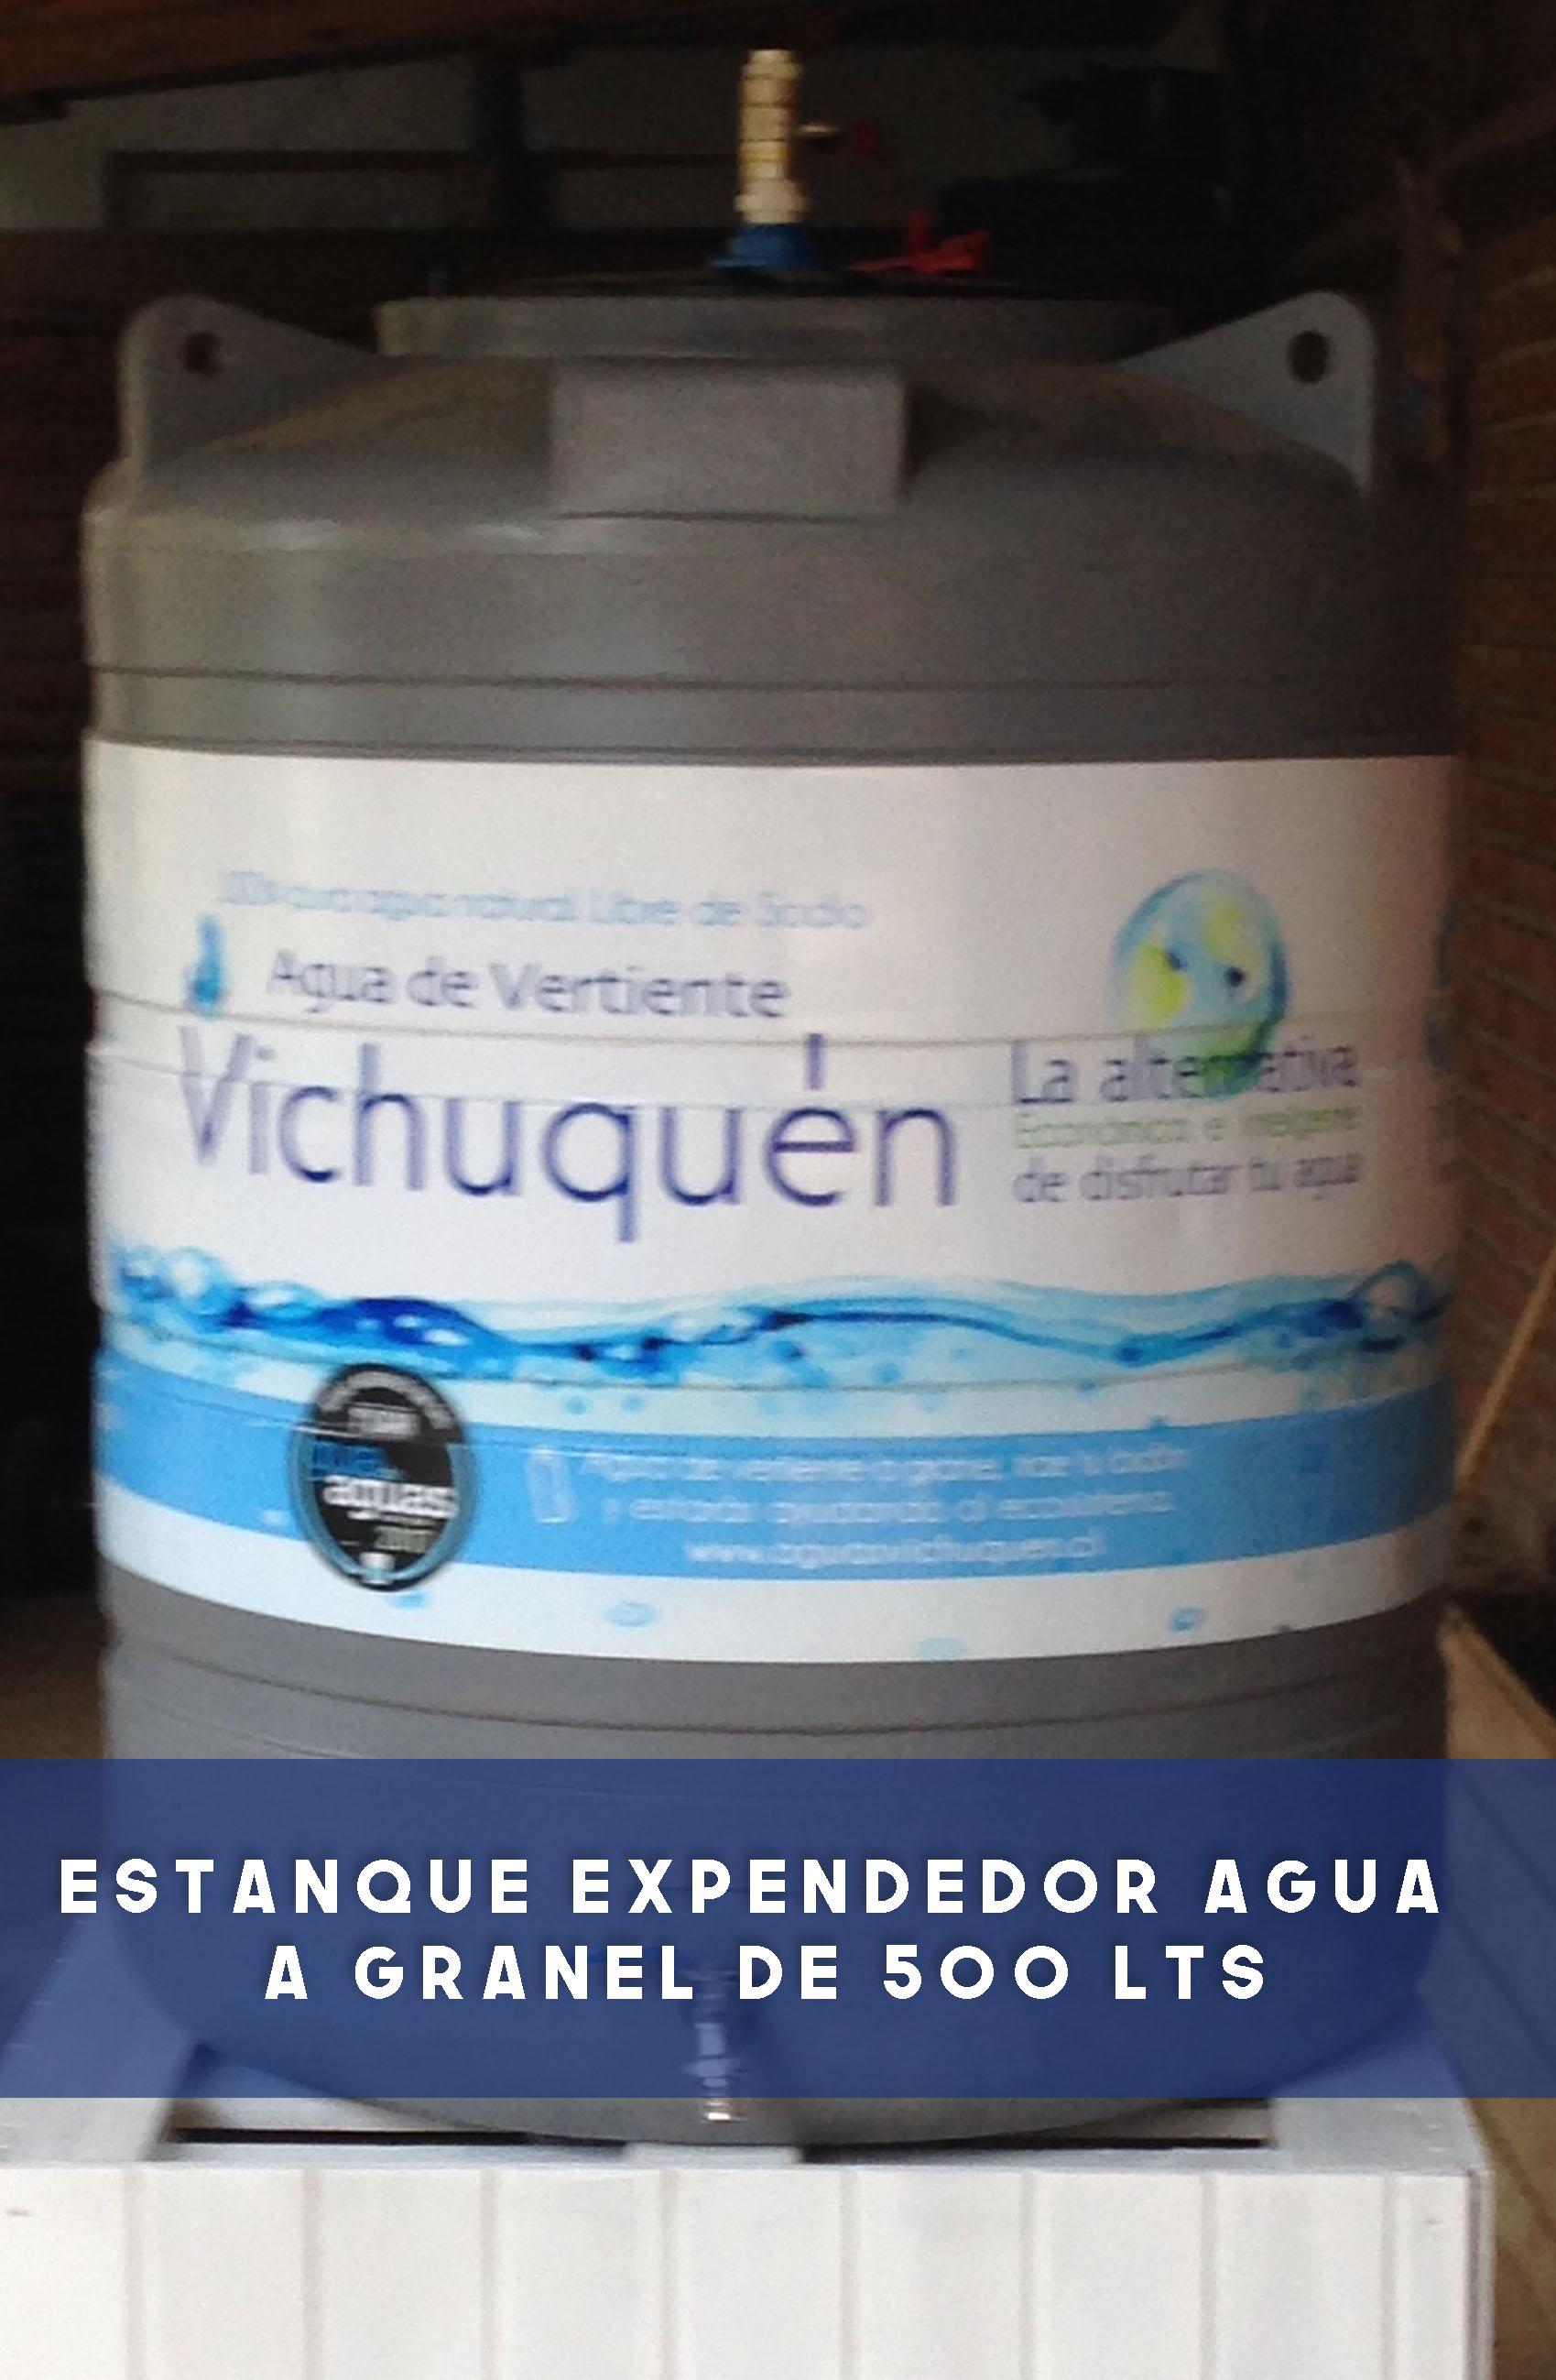 Estanque expendedor agua a Granel de 500 lts.